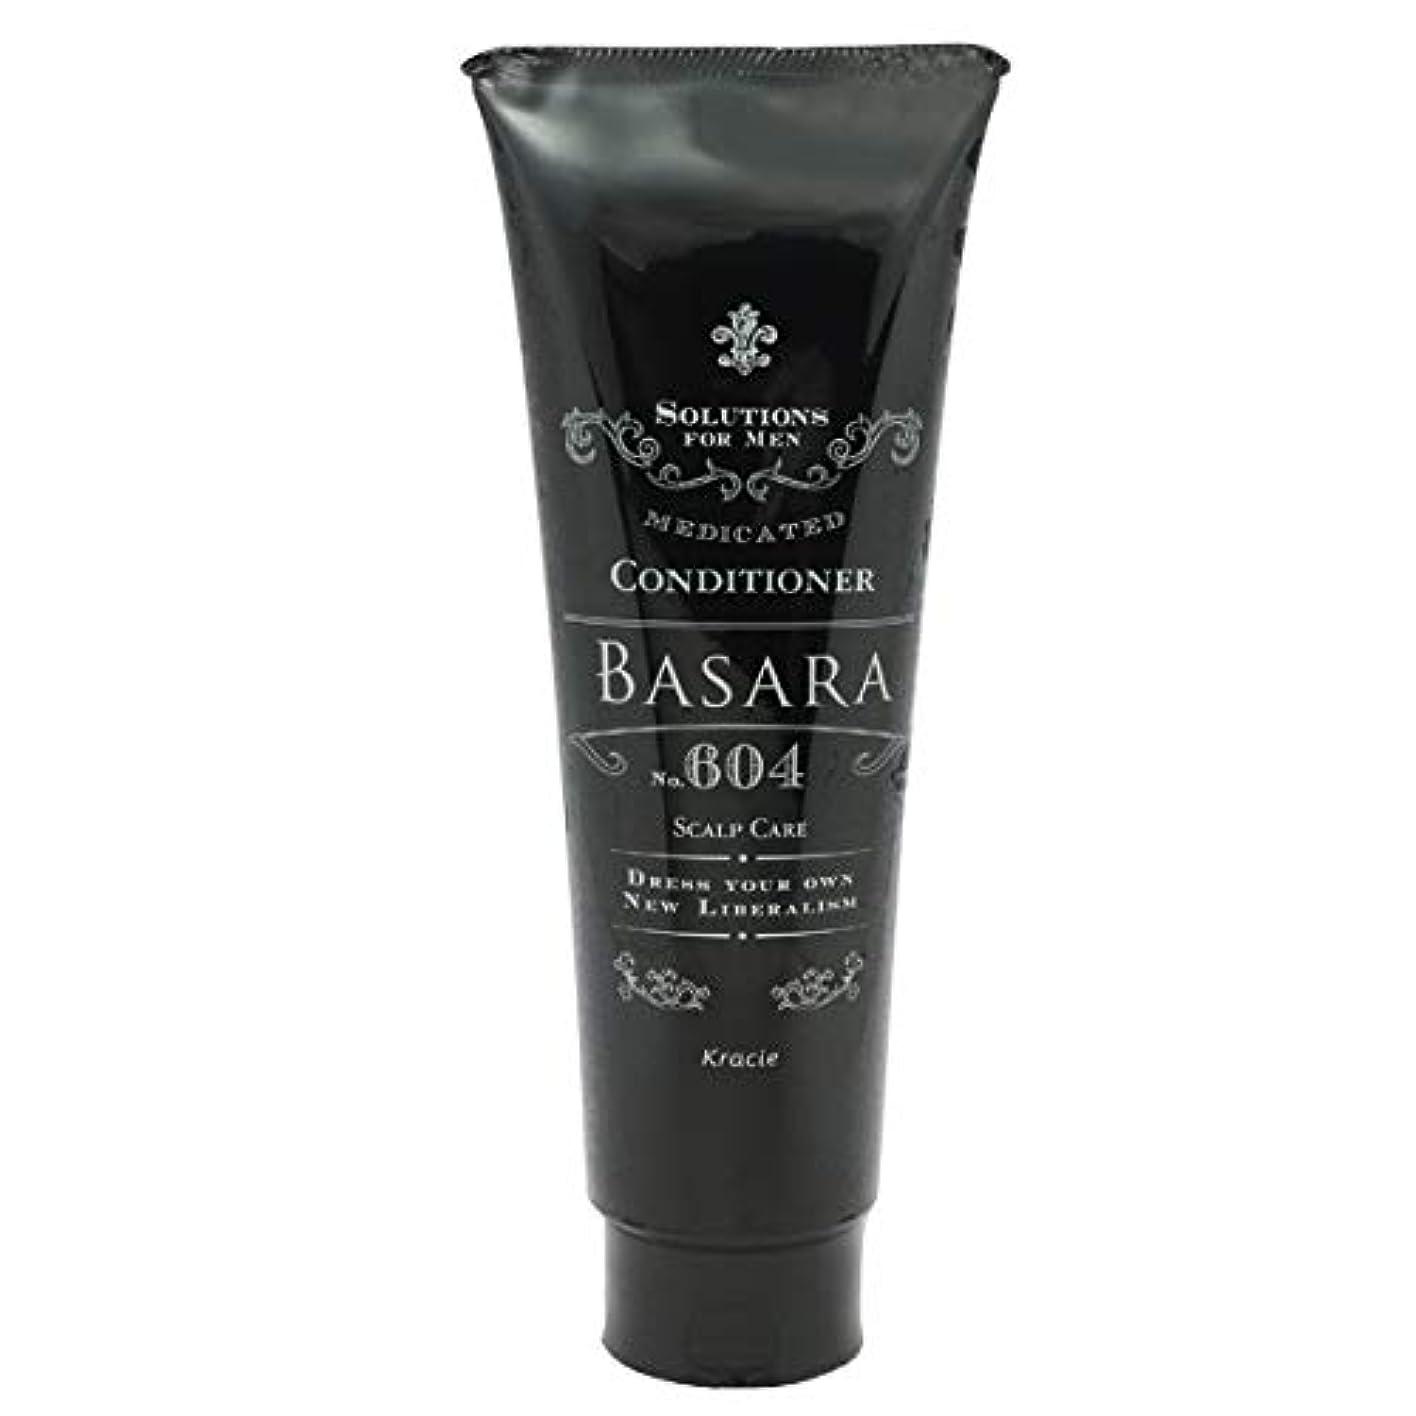 厚さみがきます一人でサロンモード(Salon Mode) クラシエ バサラ 薬用スカルプ コンディショナー 604 250g